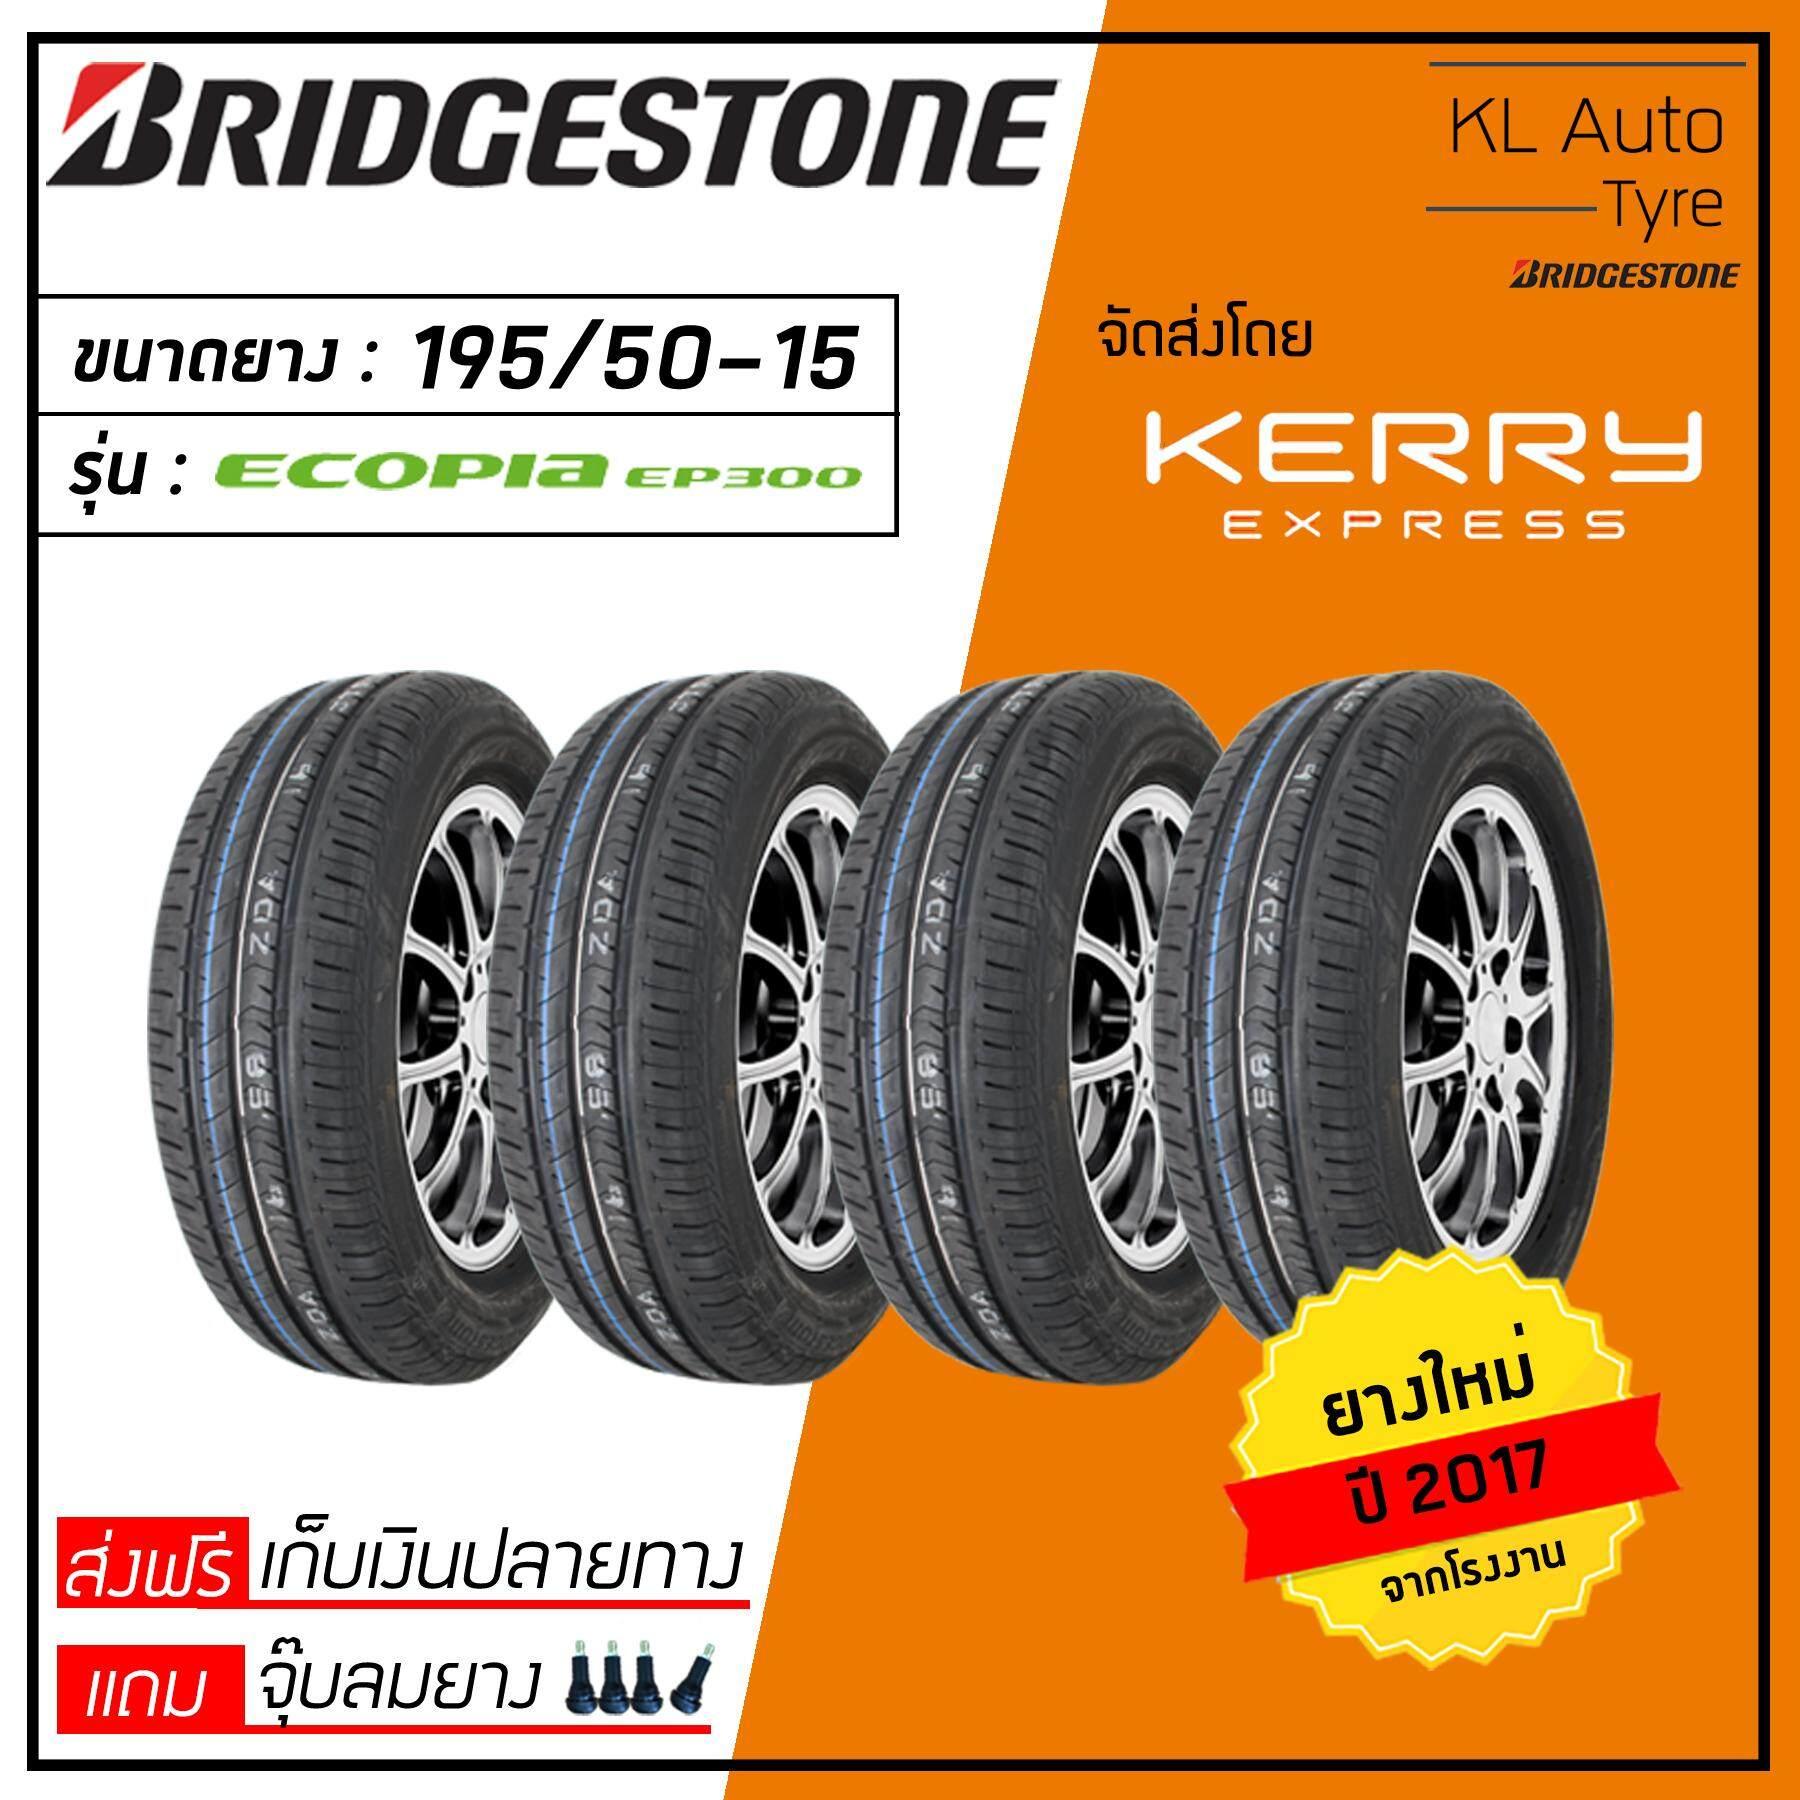 ประกันภัย รถยนต์ ชั้น 3 ราคา ถูก ชัยภูมิ Bridgestone 195/50-15 EP300 4 เส้น ปี 17 (ฟรี จุ๊บยาง 4 ตัว มูลค่า 200 บาท)